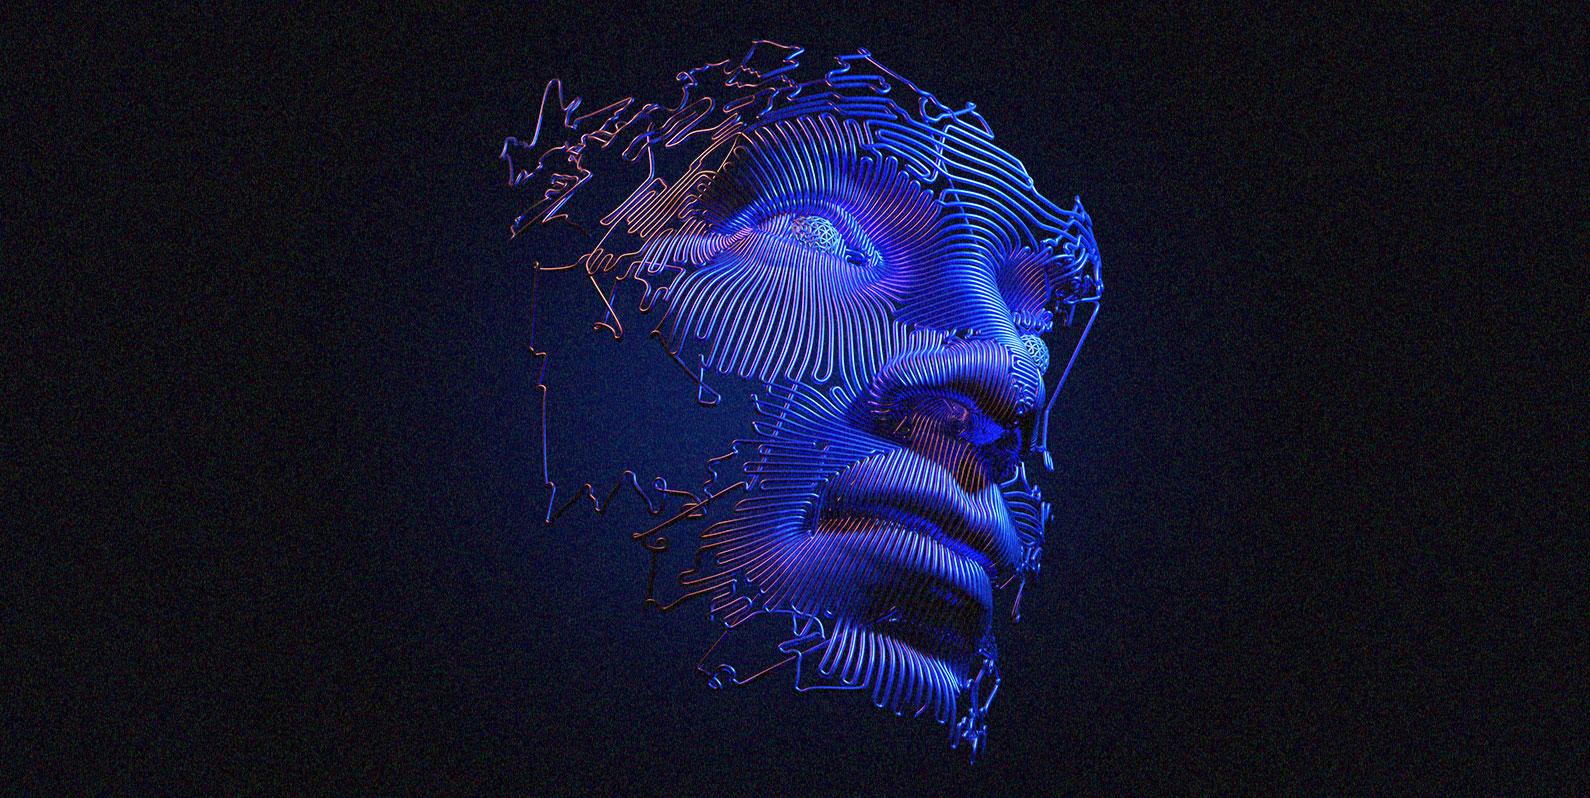 Tudo já é digital, chegou a hora da Identidade